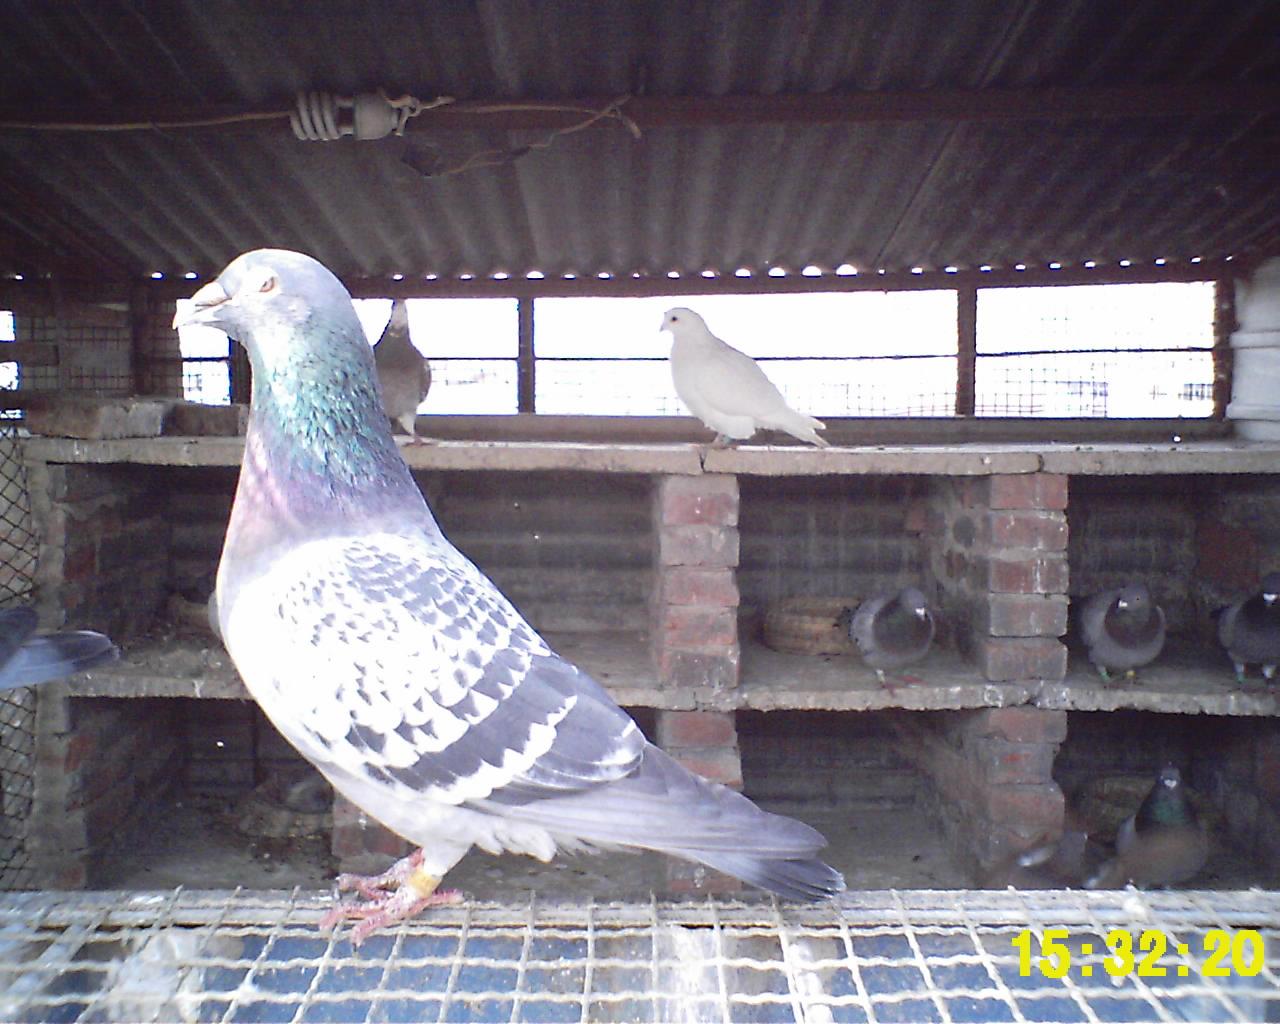 鴿舍圖片|鴿棚設計大全圖|鴿棚設計大全圖 農村|正規鴿棚設計大全圖